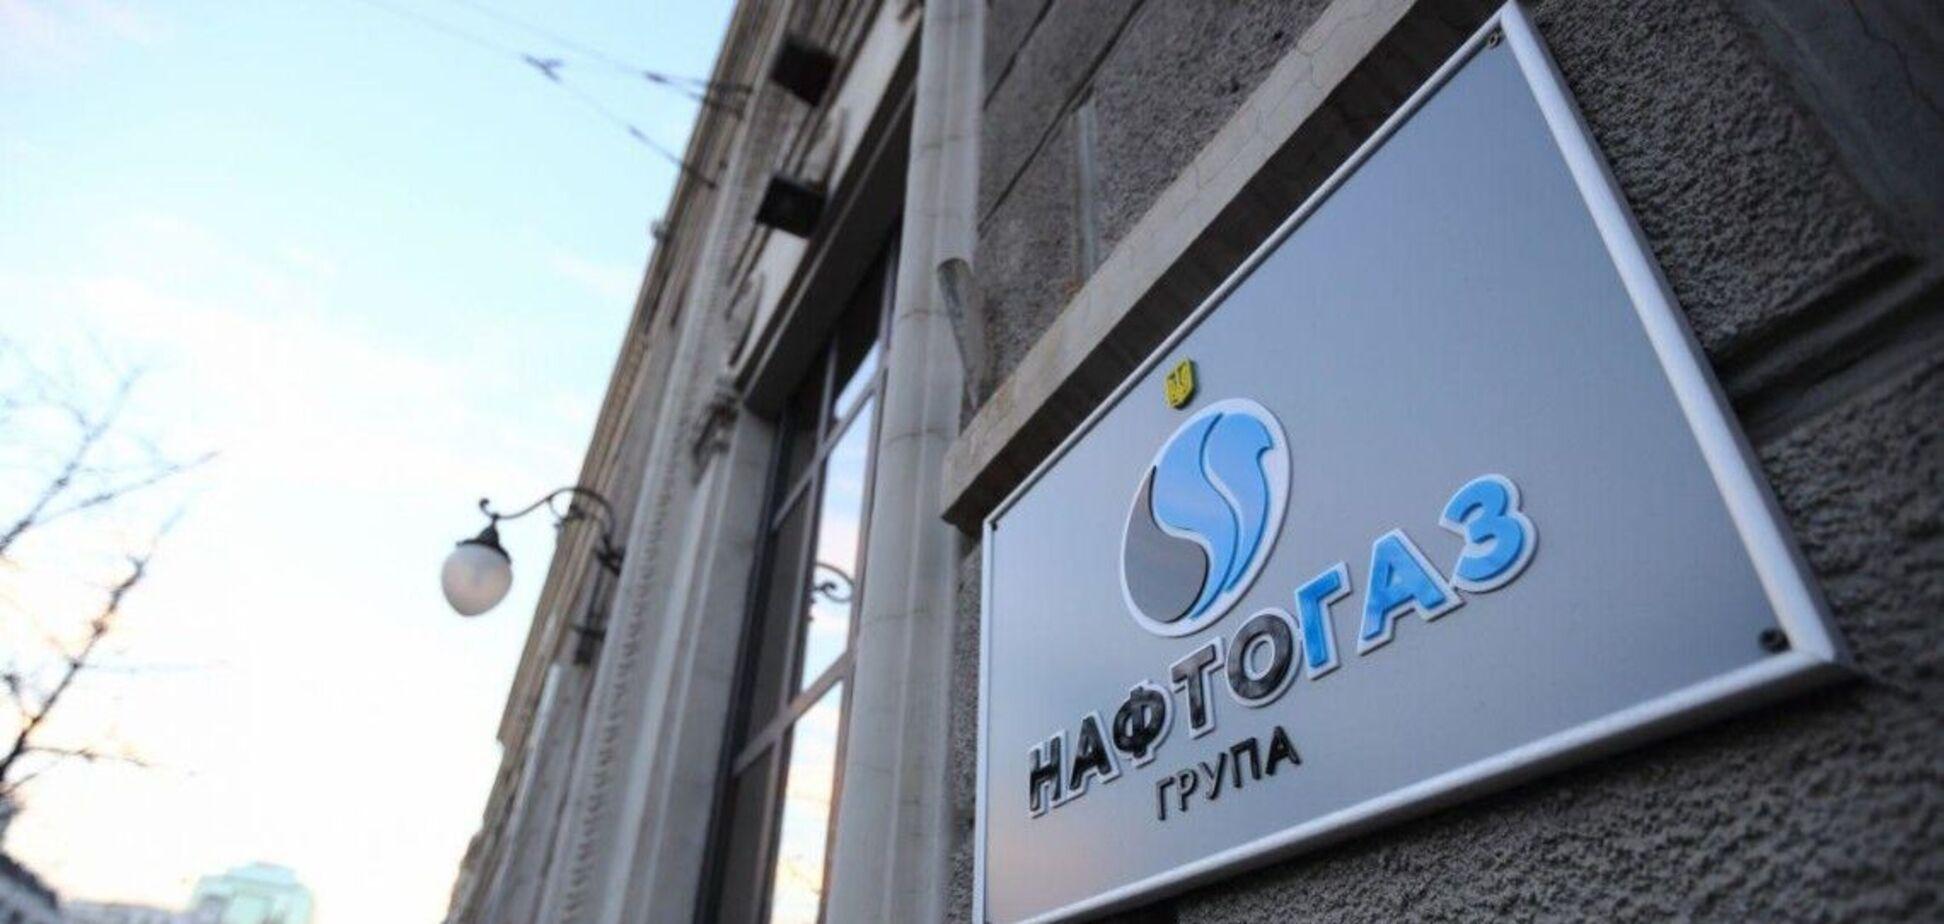 Майже всі члени наглядової ради 'Нафтогазу' припинили свої повноваження